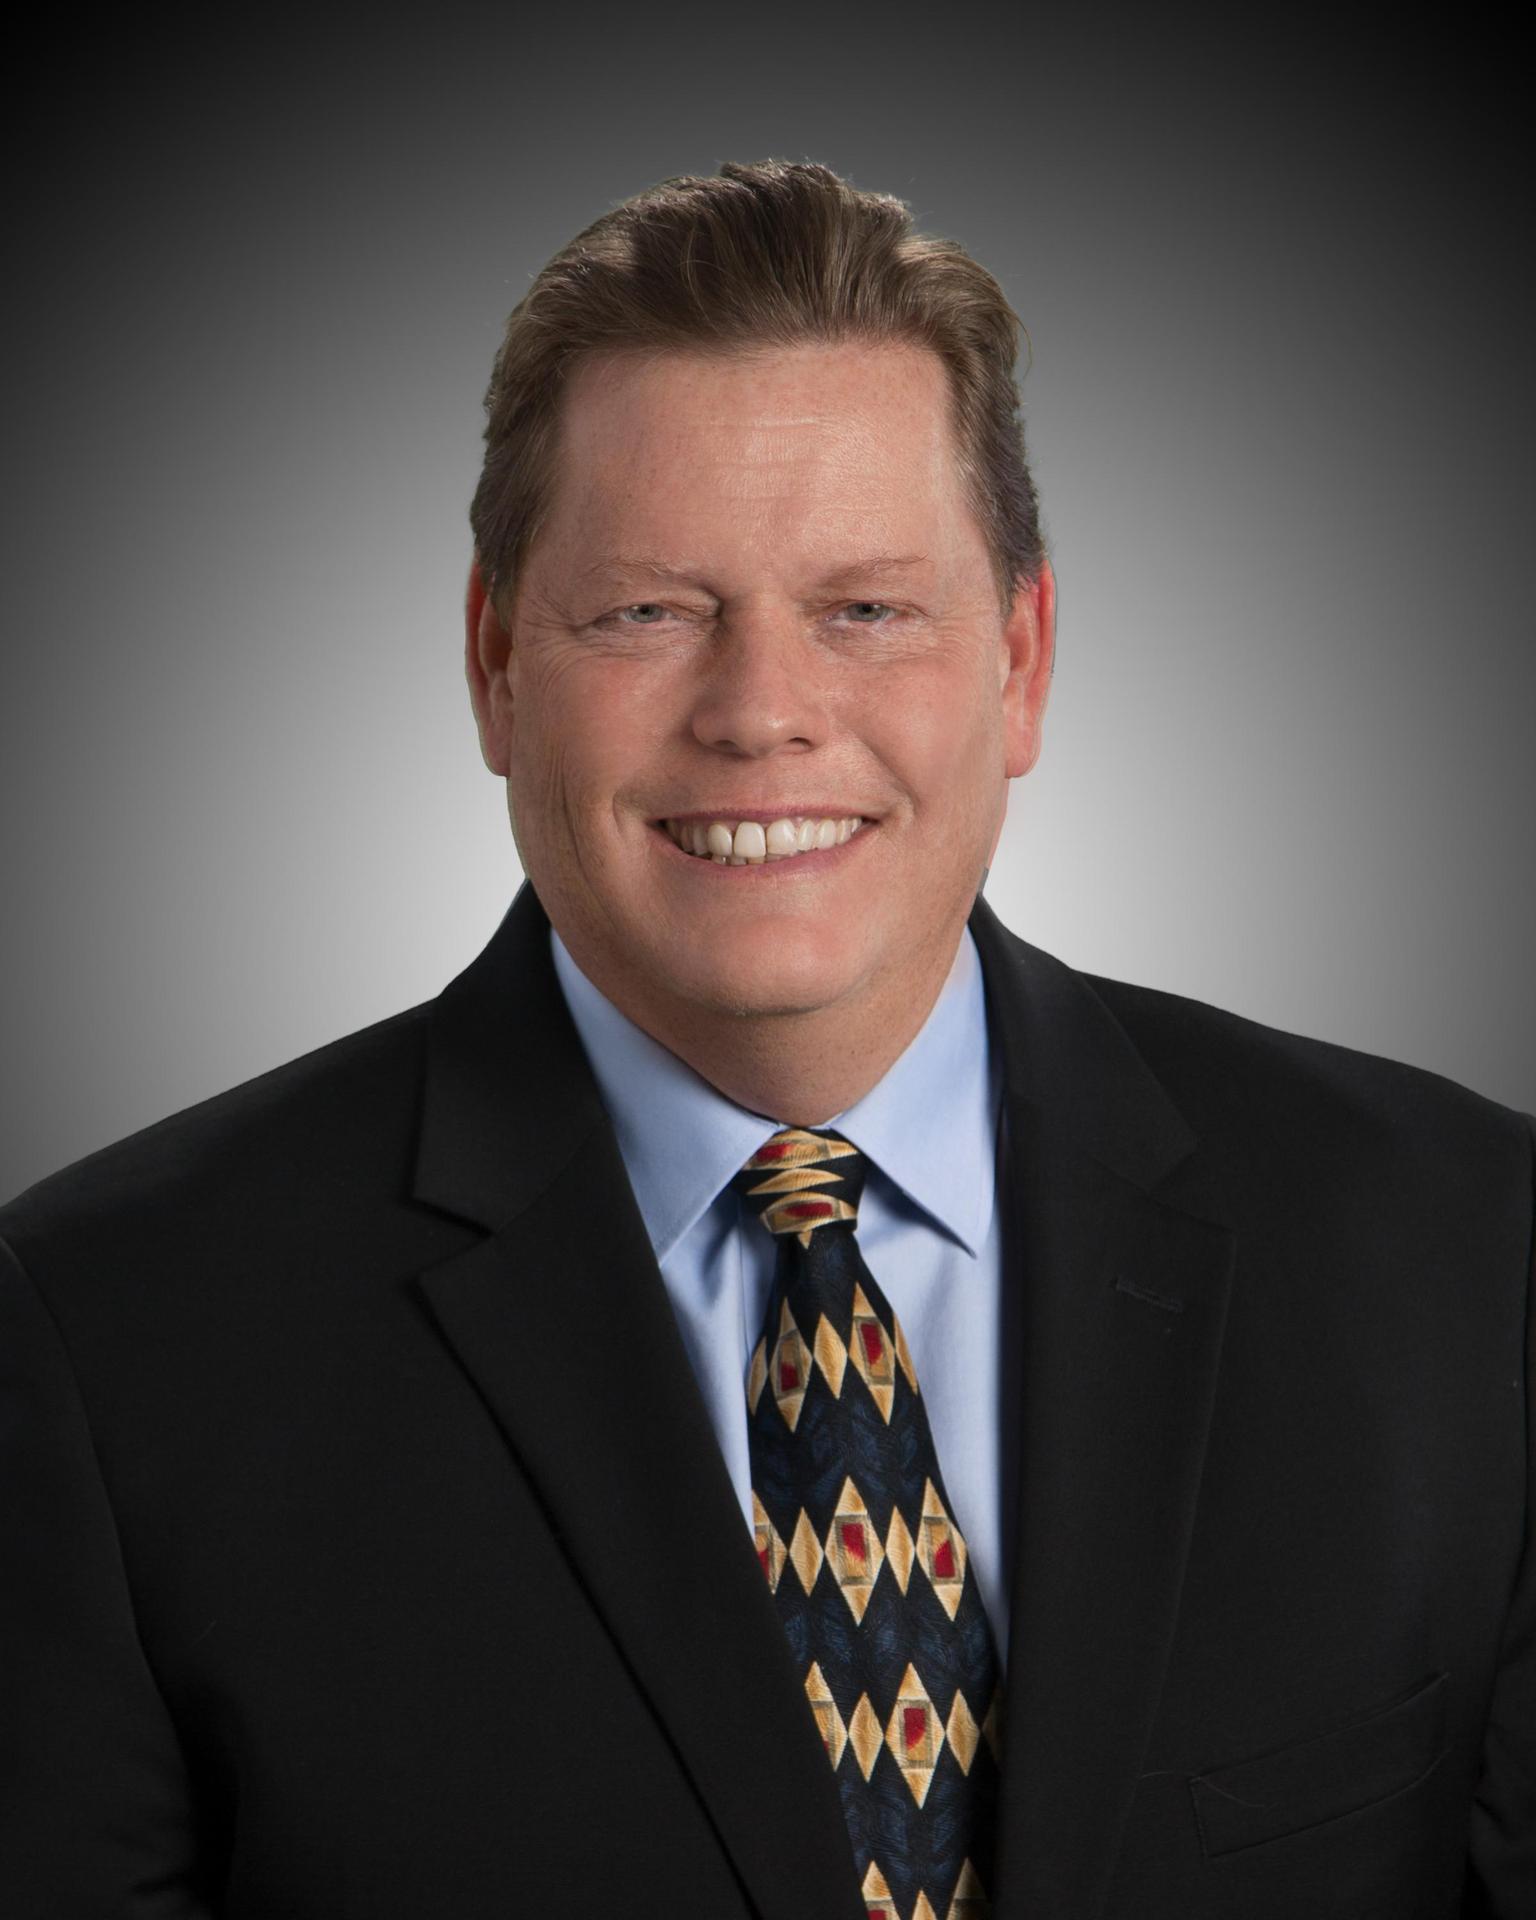 Marty Bartlett